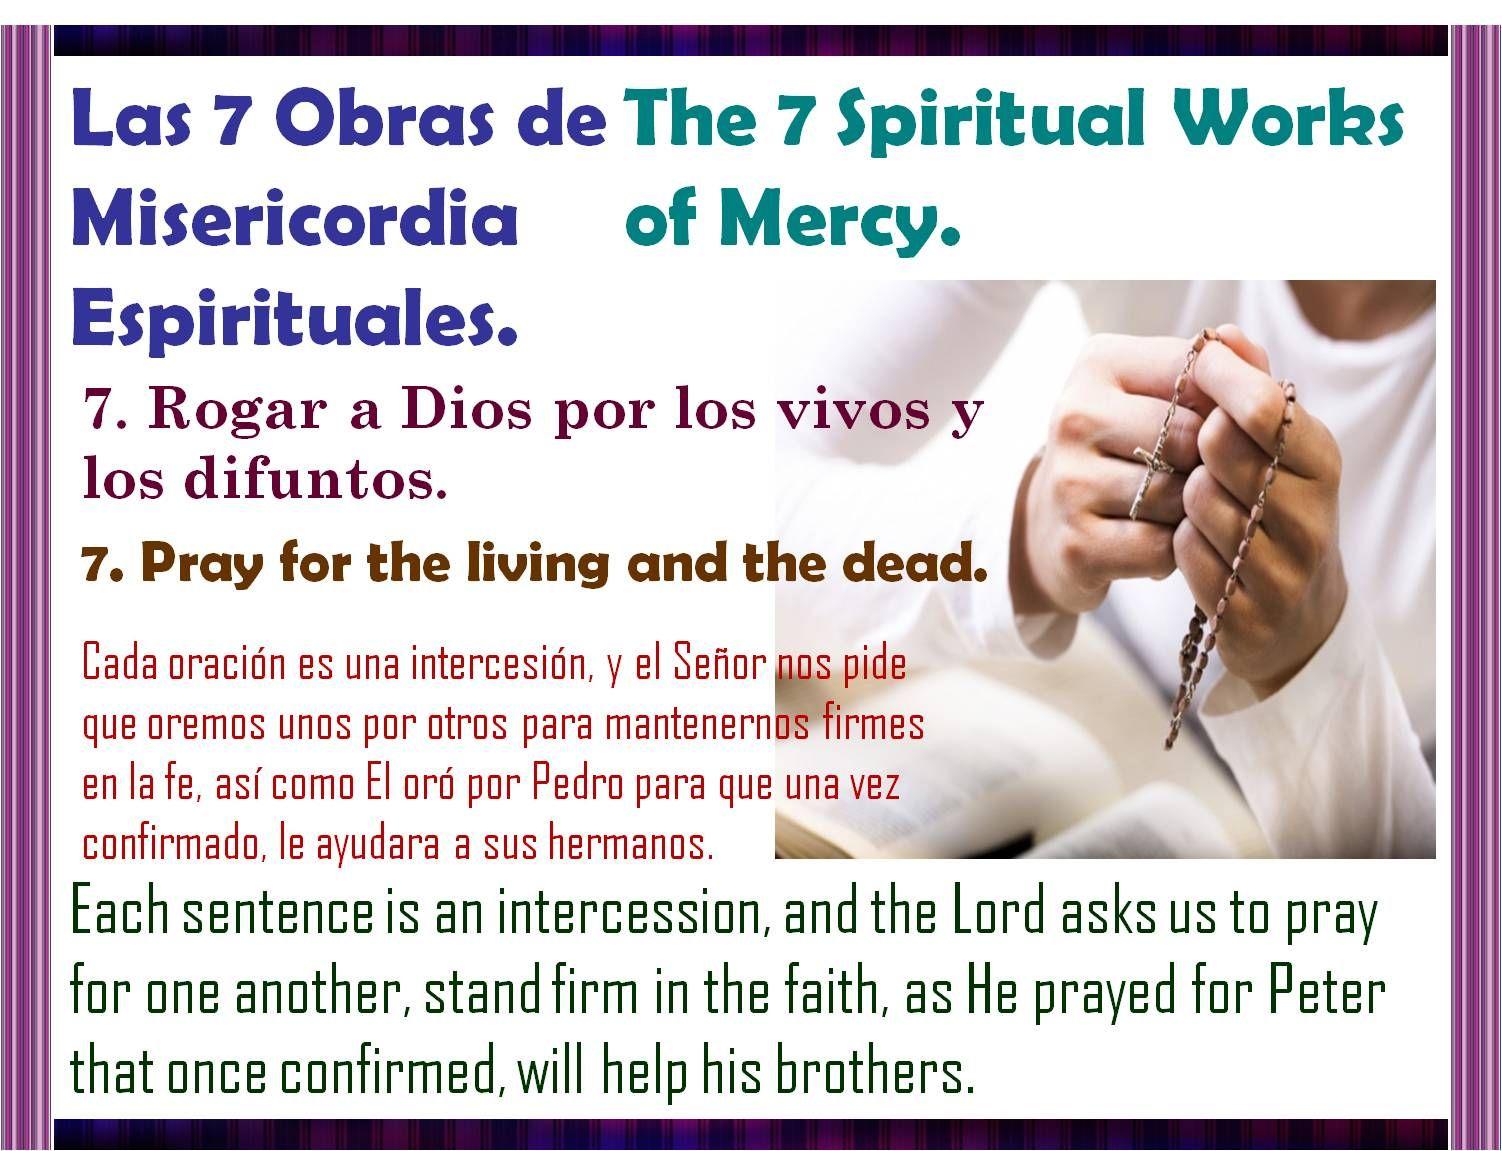 Práctica en Semana Santa la 7ma obra de misericordia Espiritual. http://instagram.com/p/05gCYbiZxh/